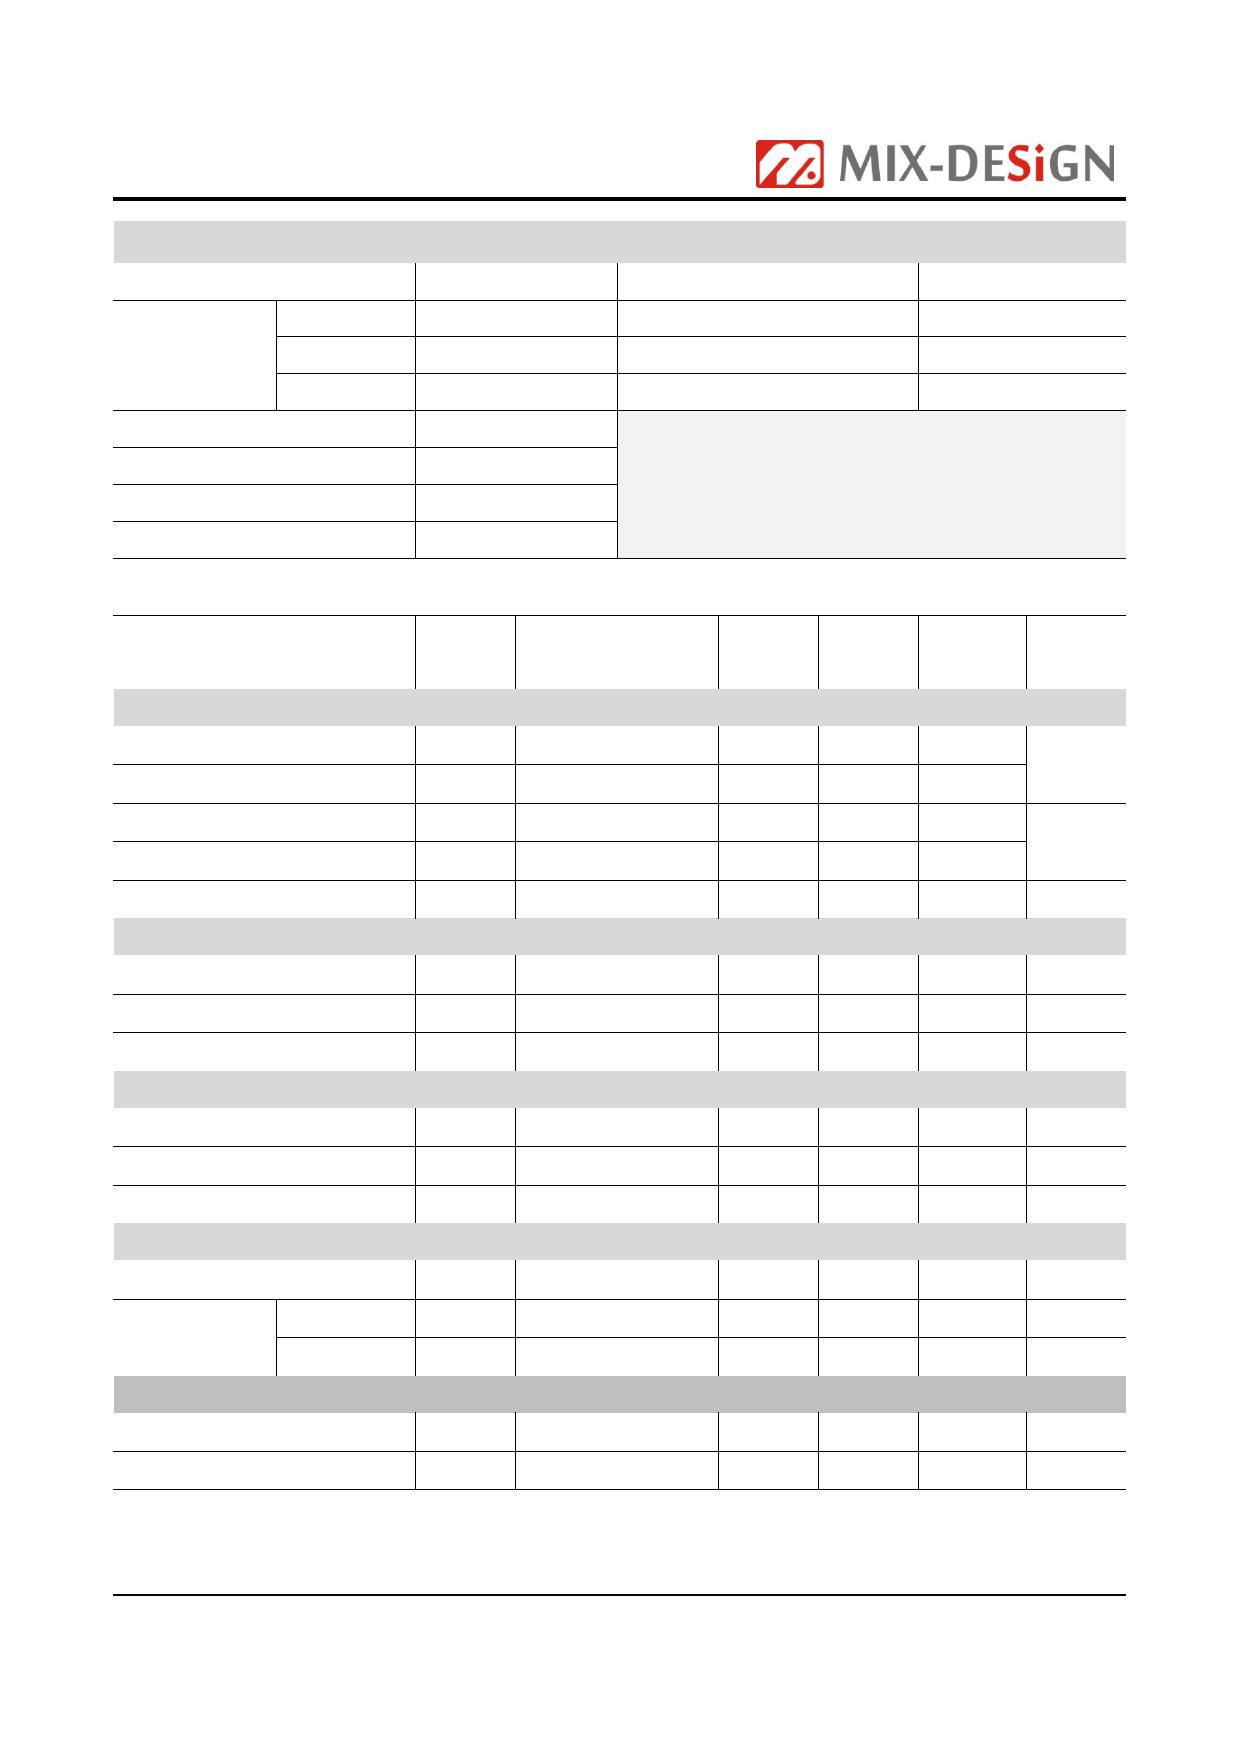 MD1800 pdf, 전자부품, 반도체, 판매, 대치품